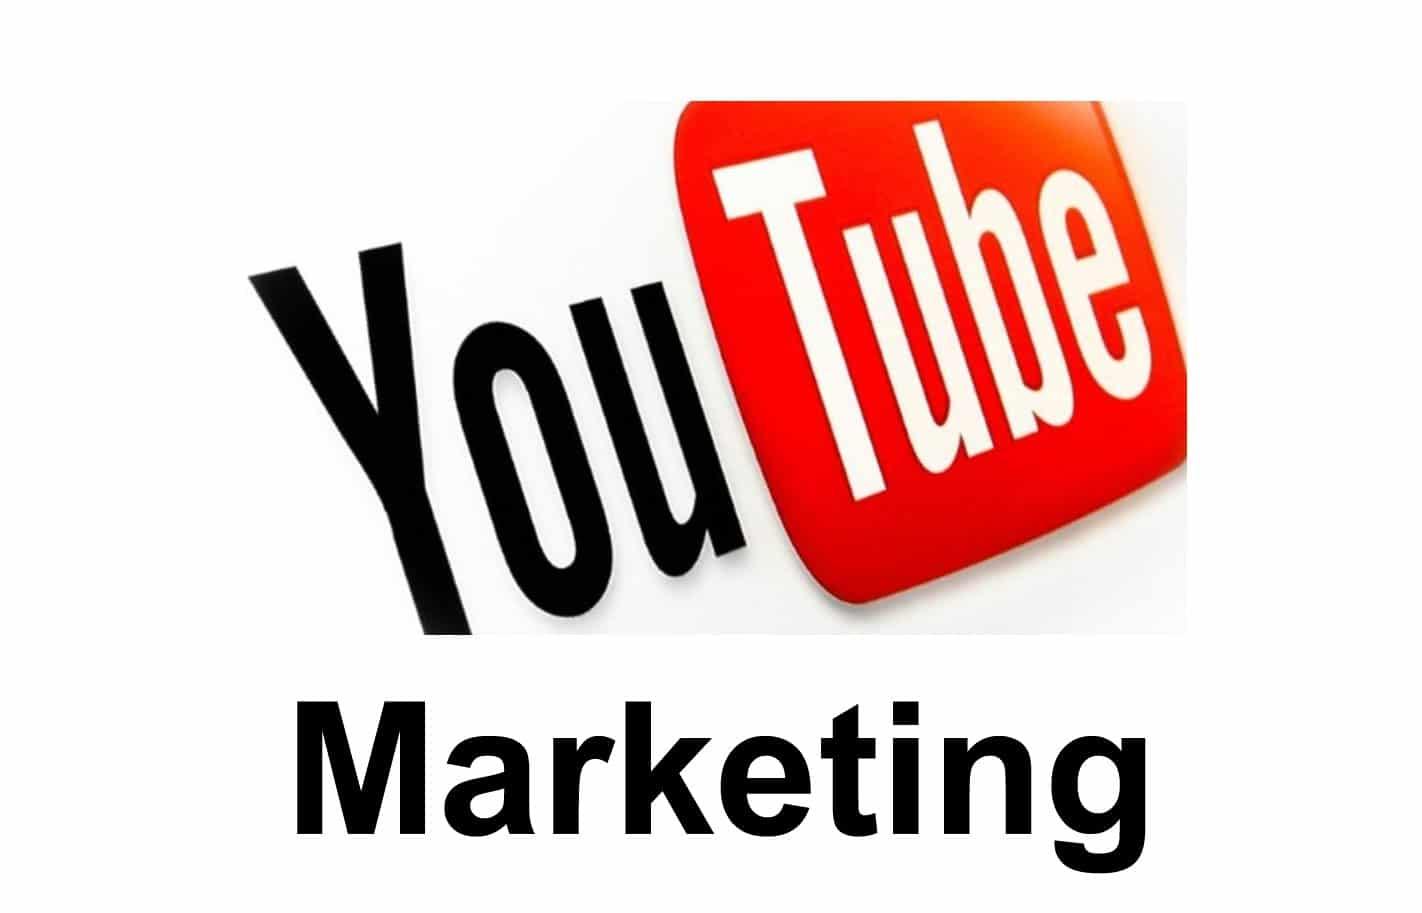 youtube-marketing-2018